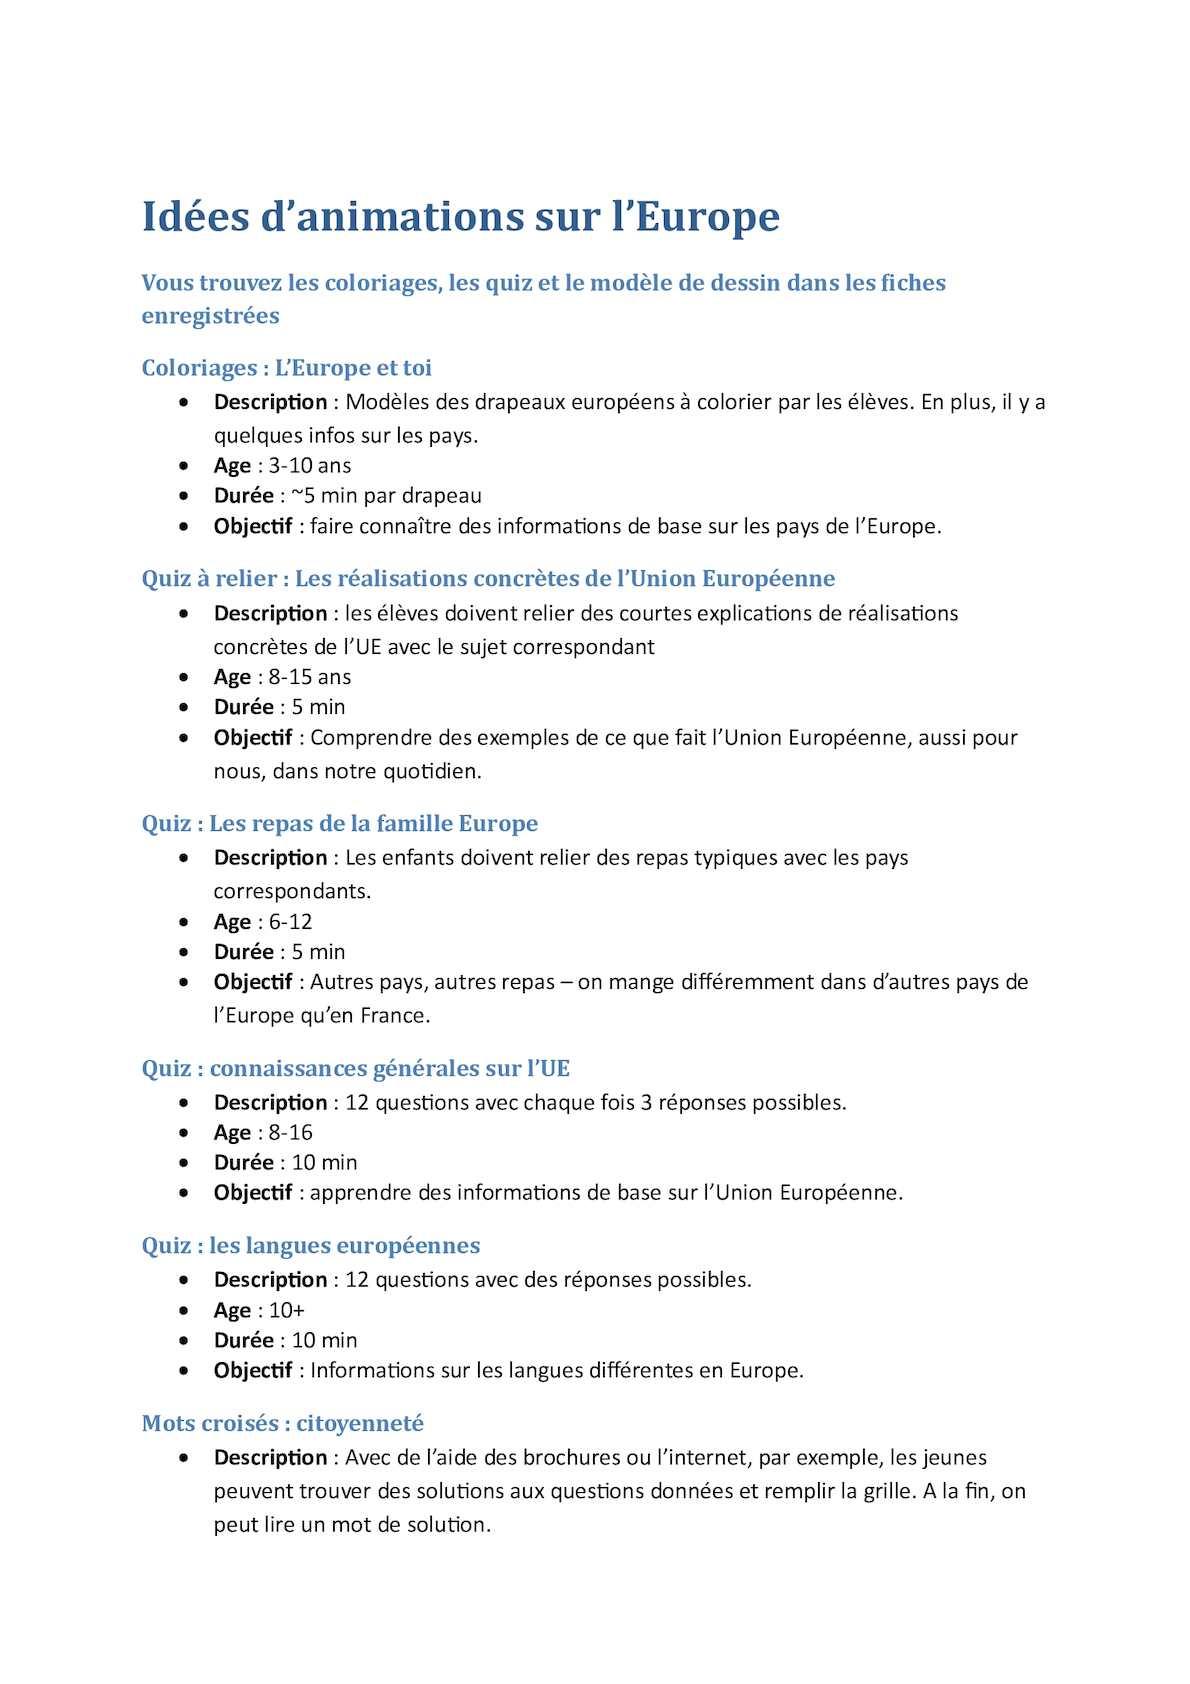 Calaméo - Explications Idées D'animations Sur L'europe intérieur Quiz Sur Les Capitales De L Union Européenne